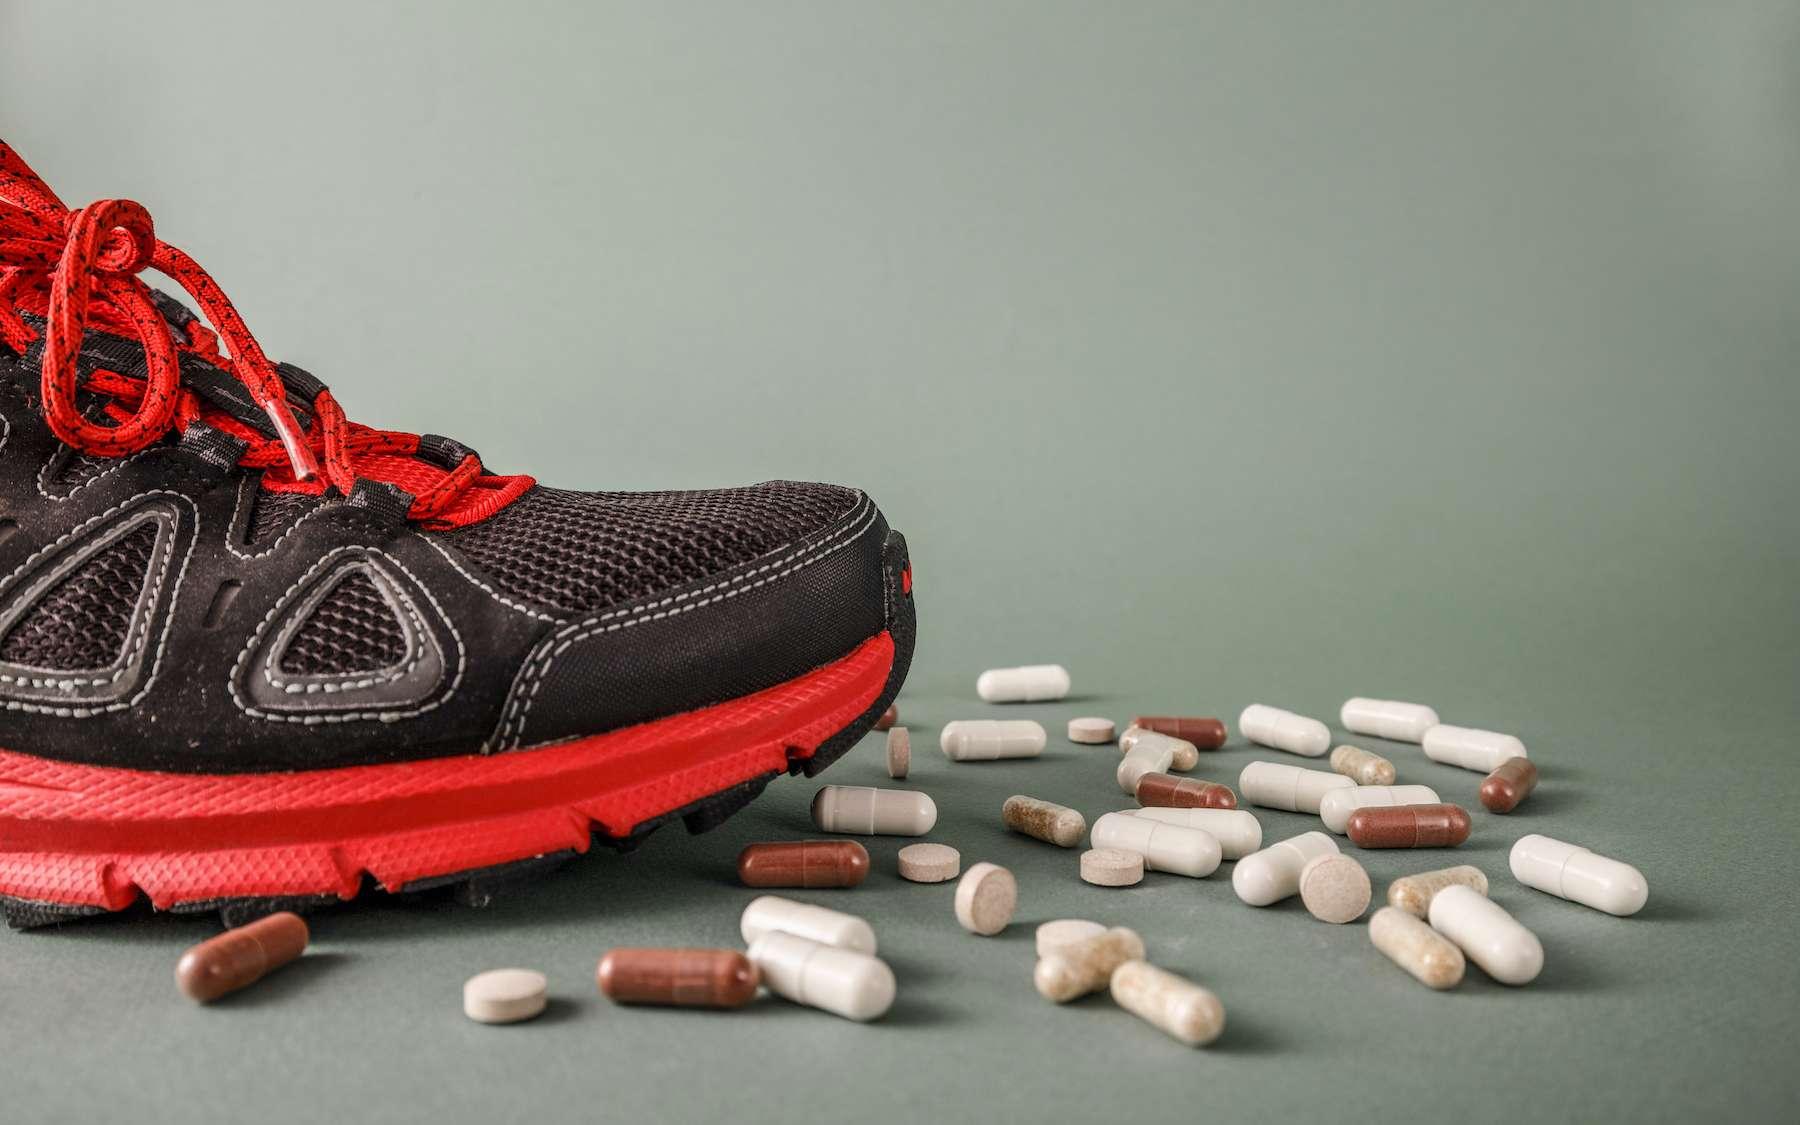 Certains médicaments annulent les bénéfices du sport. © zoommachine, Adobe Stock